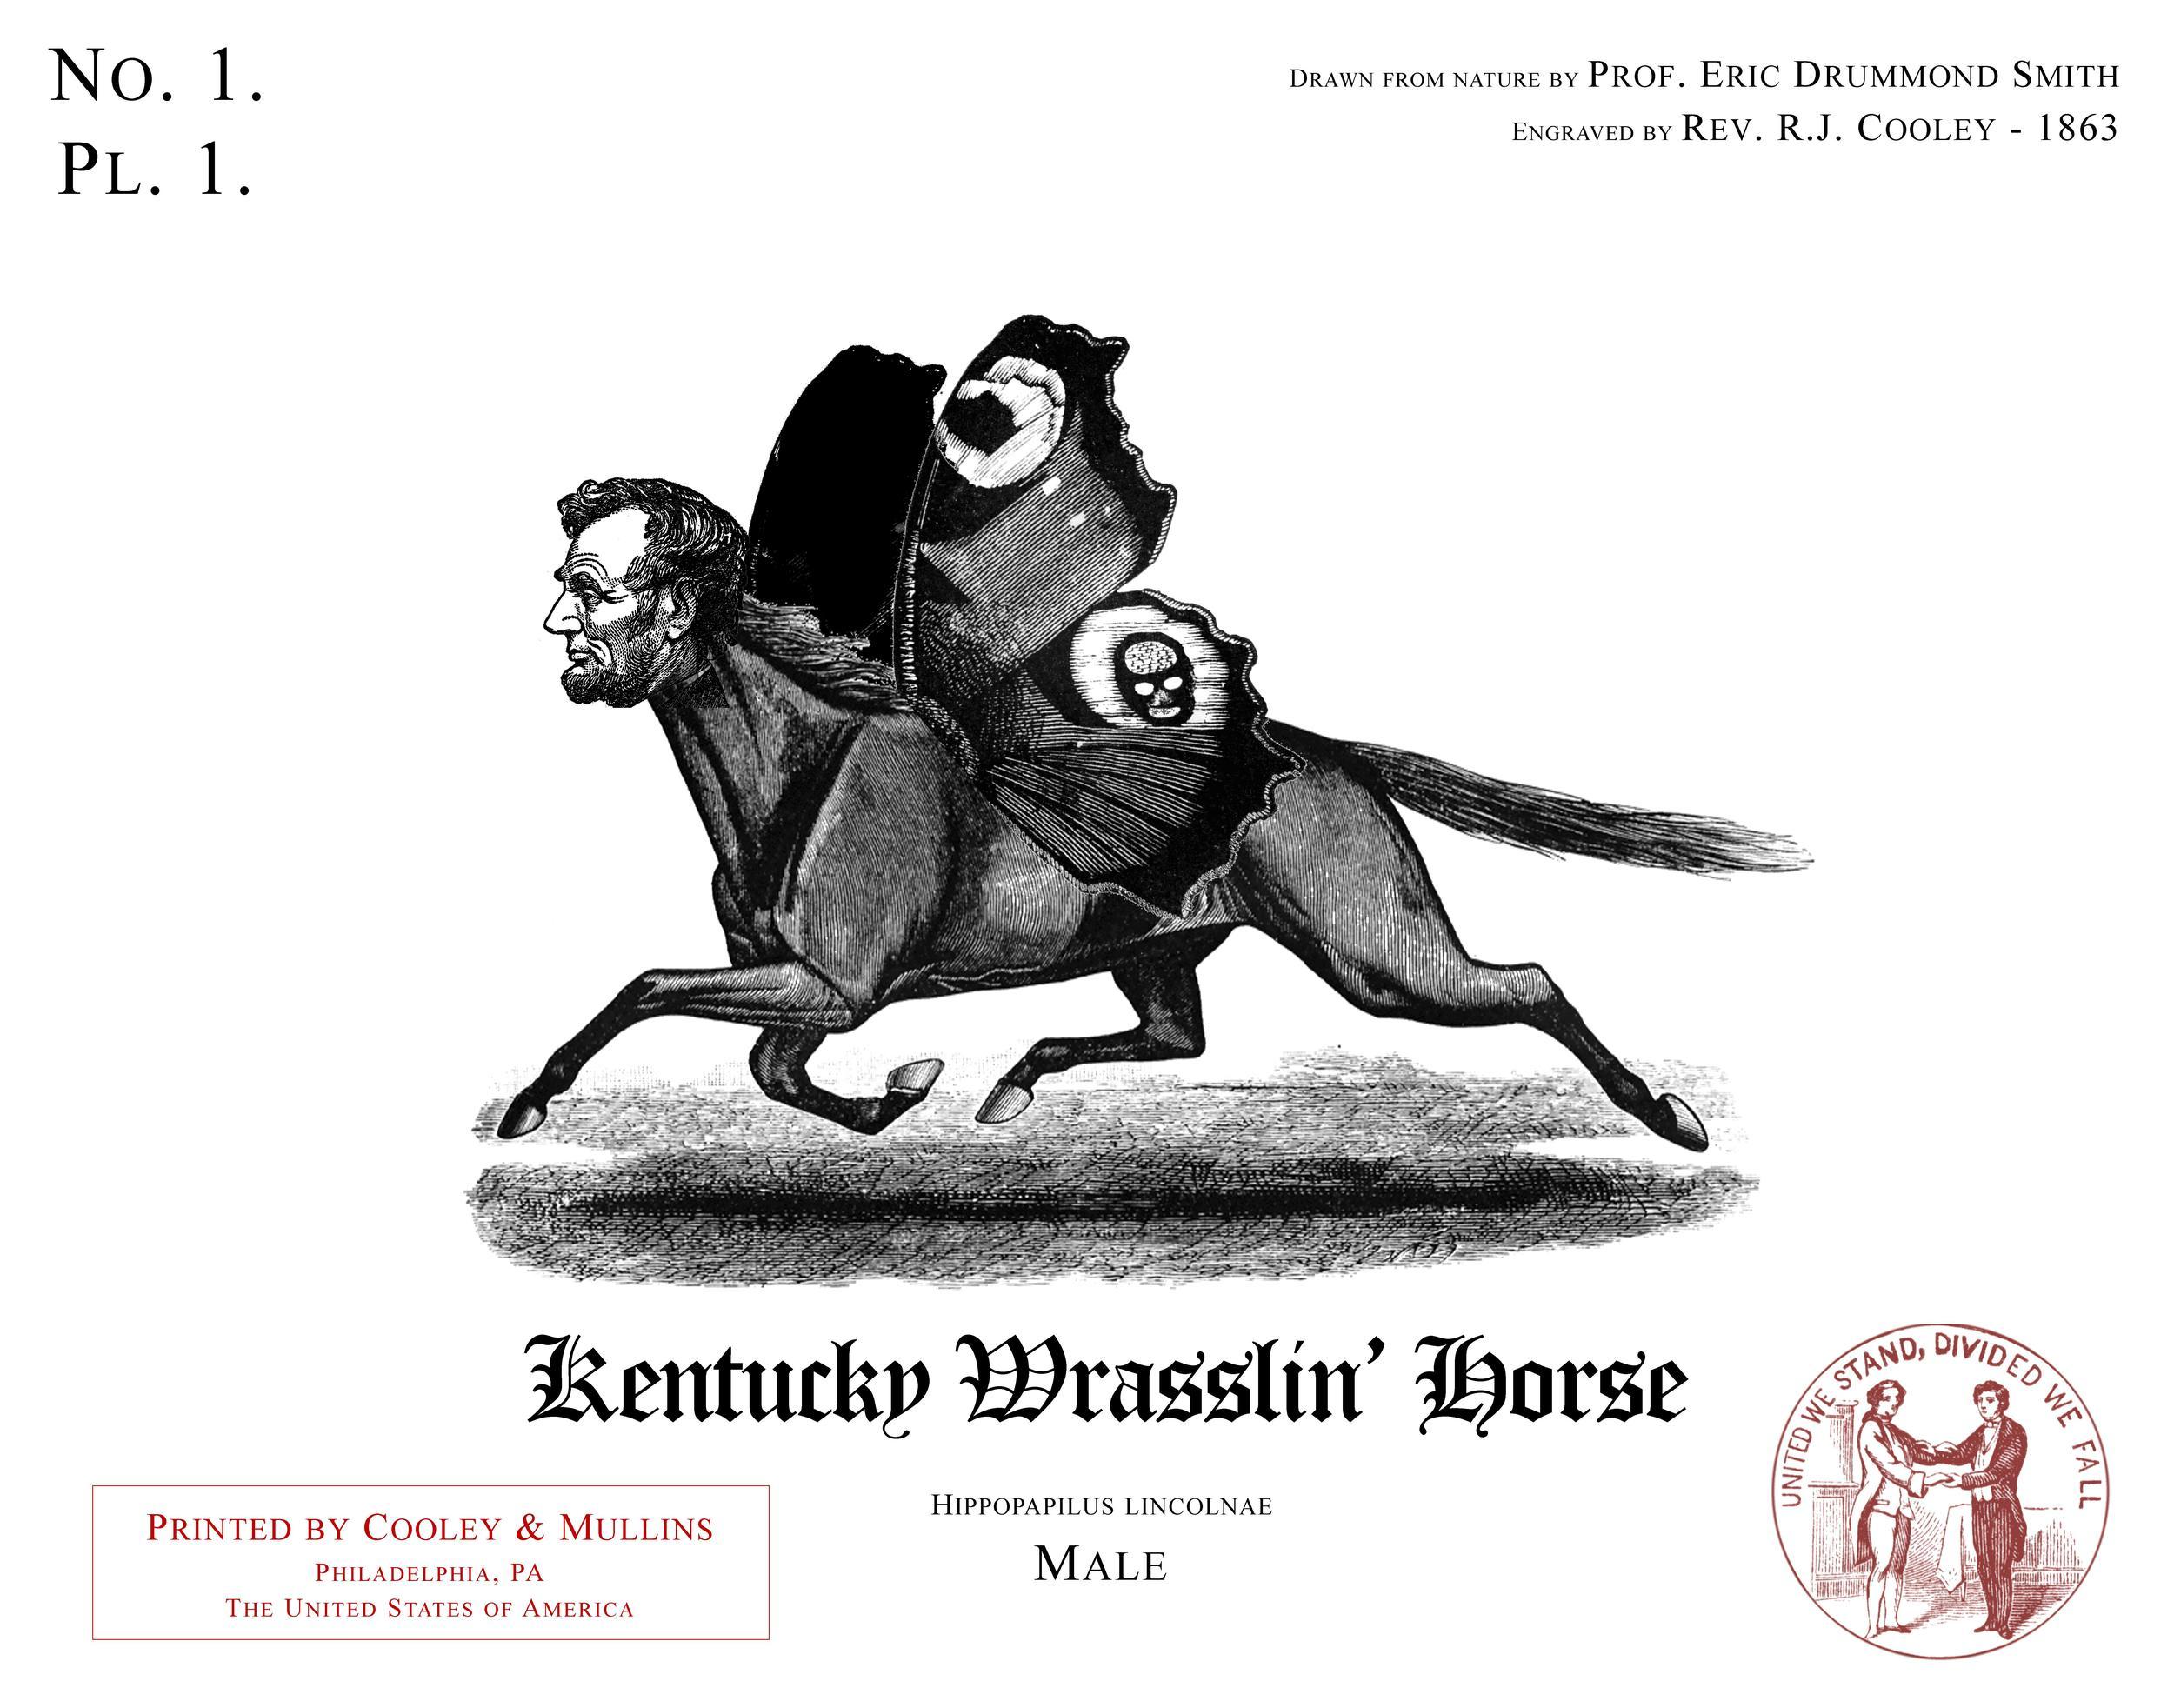 The Kentucky Wrasslin' Horse